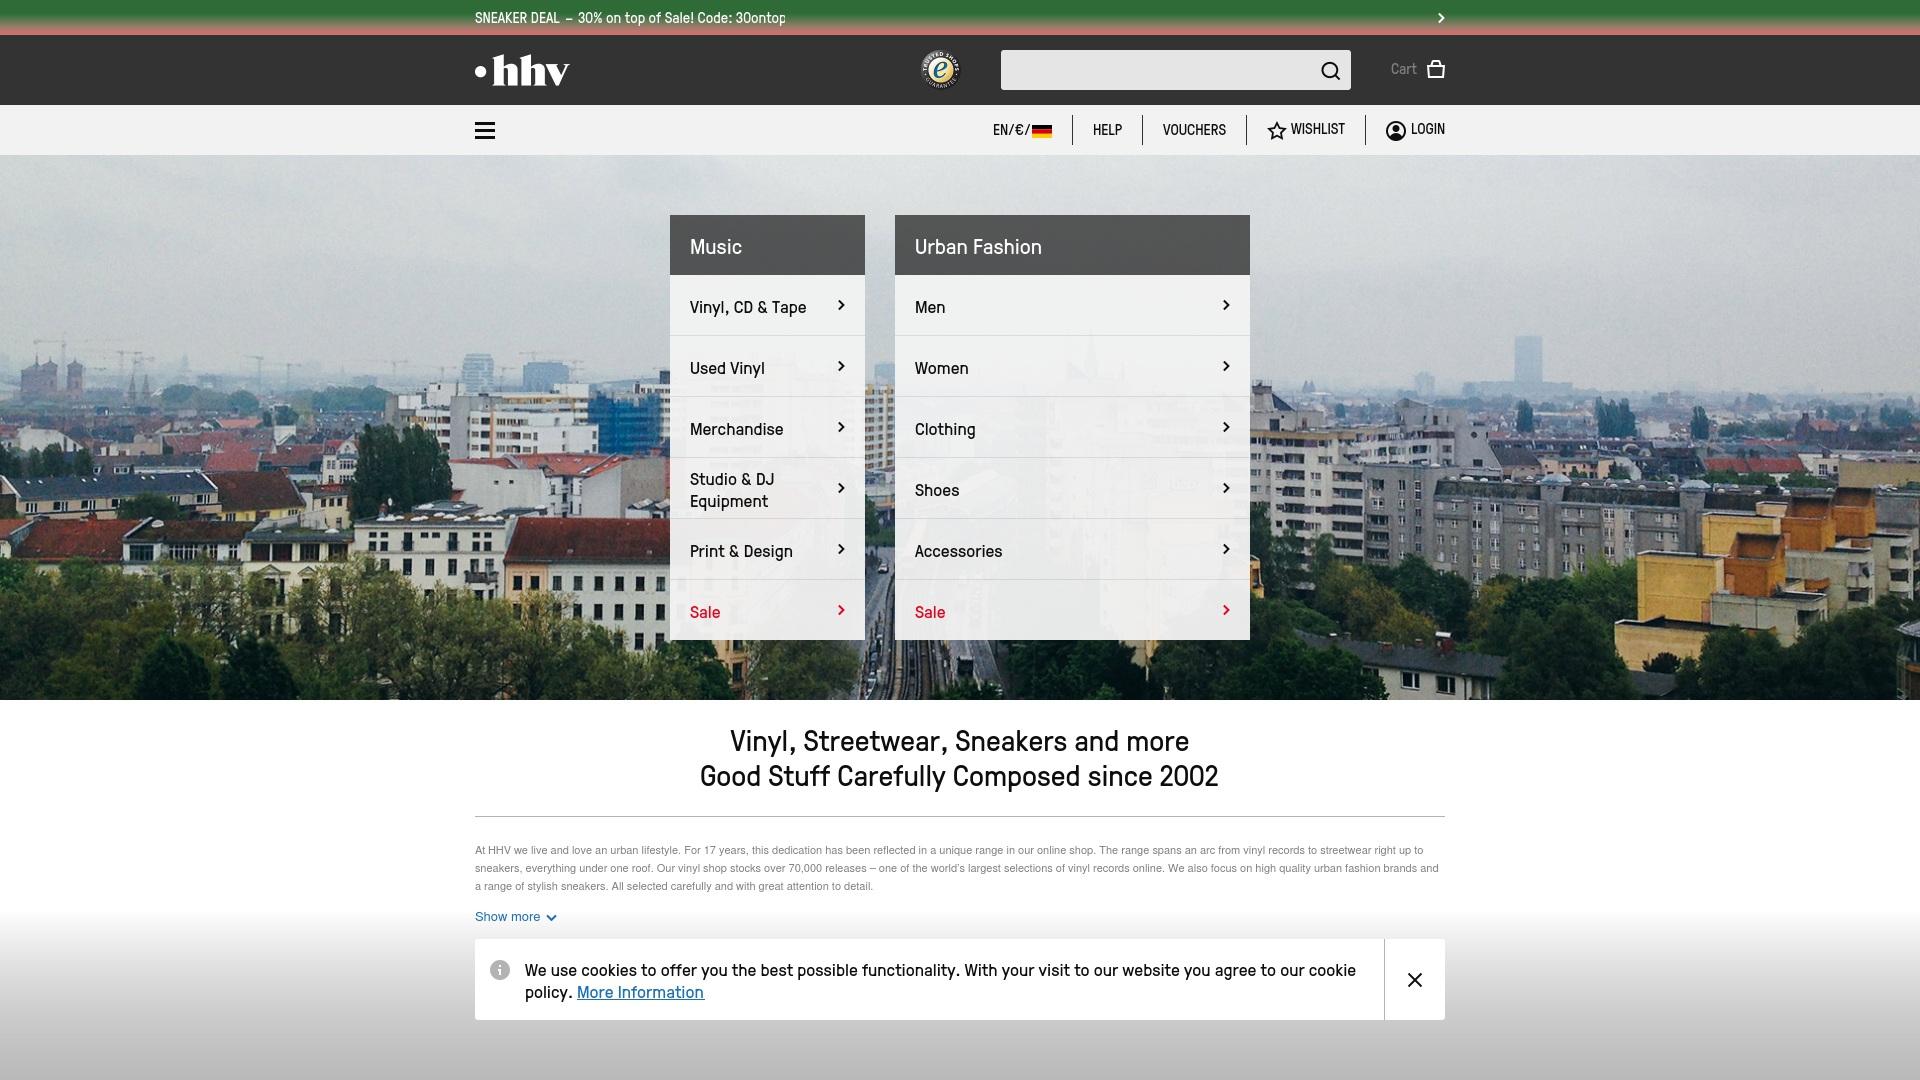 Gutschein für Hhv: Rabatte für  Hhv sichern